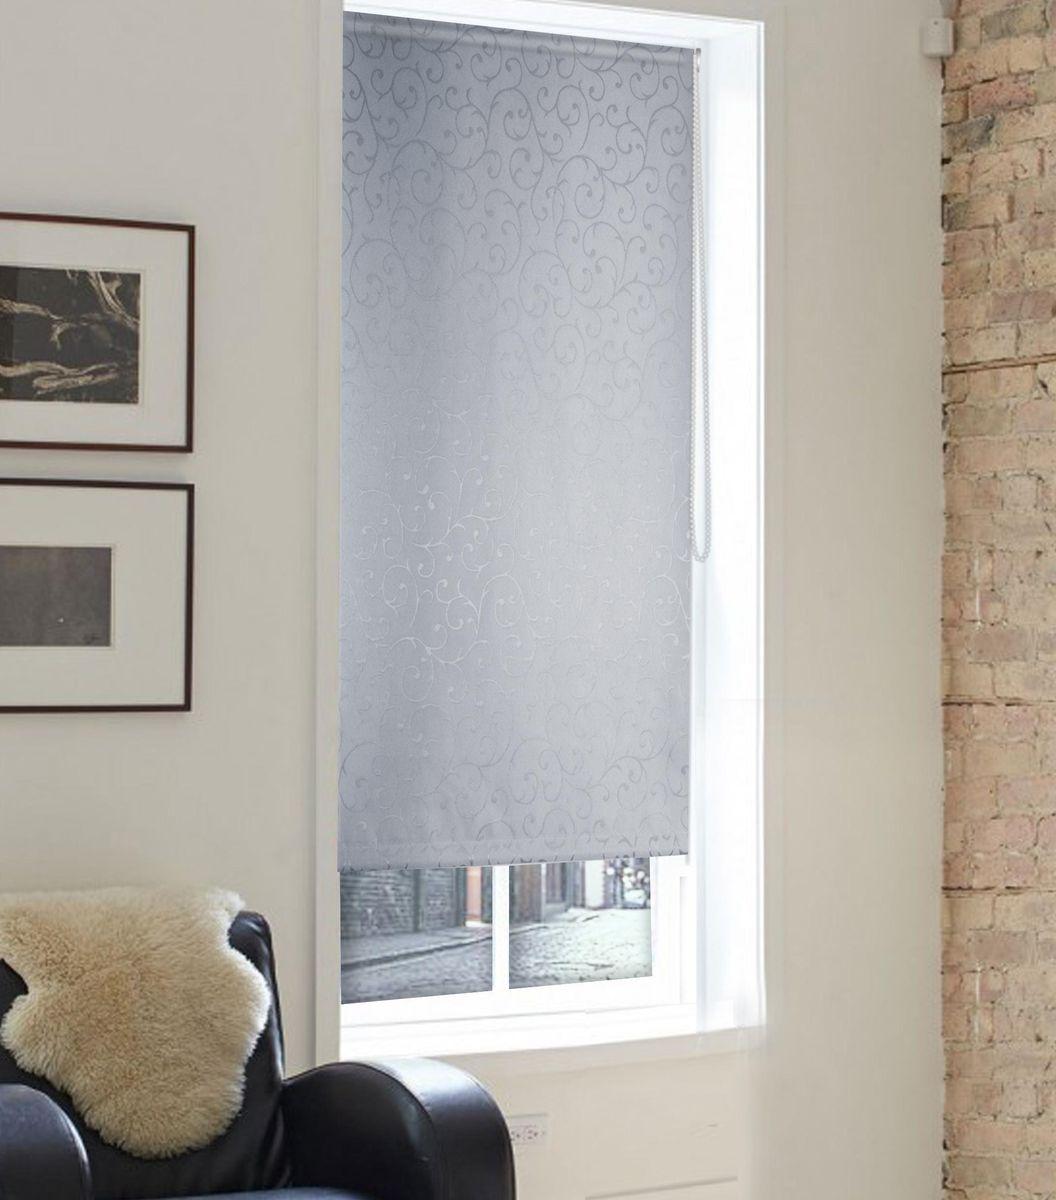 Штора рулонная Эскар Агат, цвет: серый, ширина 150 см, высота 160 смZ-0307Рулонными шторами можно оформлять окна как самостоятельно, так и использовать в комбинации с портьерами. Это поможет предотвратить выгорание дорогой ткани на солнце и соединит функционал рулонных с красотой навесных.Преимущества применения рулонных штор для пластиковых окон:- имеют прекрасный внешний вид: многообразие и фактурность материала изделия отлично смотрятся в любом интерьере; - многофункциональны: есть возможность подобрать шторы способные эффективно защитить комнату от солнца, при этом она не будет слишком темной.- Есть возможность осуществить быстрый монтаж.ВНИМАНИЕ! Размеры ширины изделия указаны по ширине ткани!Во время эксплуатации не рекомендуется полностью разматывать рулон, чтобы не оторвать ткань от намоточного вала.В случае загрязнения поверхности ткани, чистку шторы проводят одним из способов, в зависимости от типа загрязнения: легкое поверхностное загрязнение можно удалить при помощи канцелярского ластика; чистка от пыли производится сухим методом при помощи пылесоса с мягкой щеткой-насадкой; для удаления пятна используйте мягкую губку с пенообразующим неагрессивным моющим средством или пятновыводитель на натуральной основе (нельзя применять растворители).